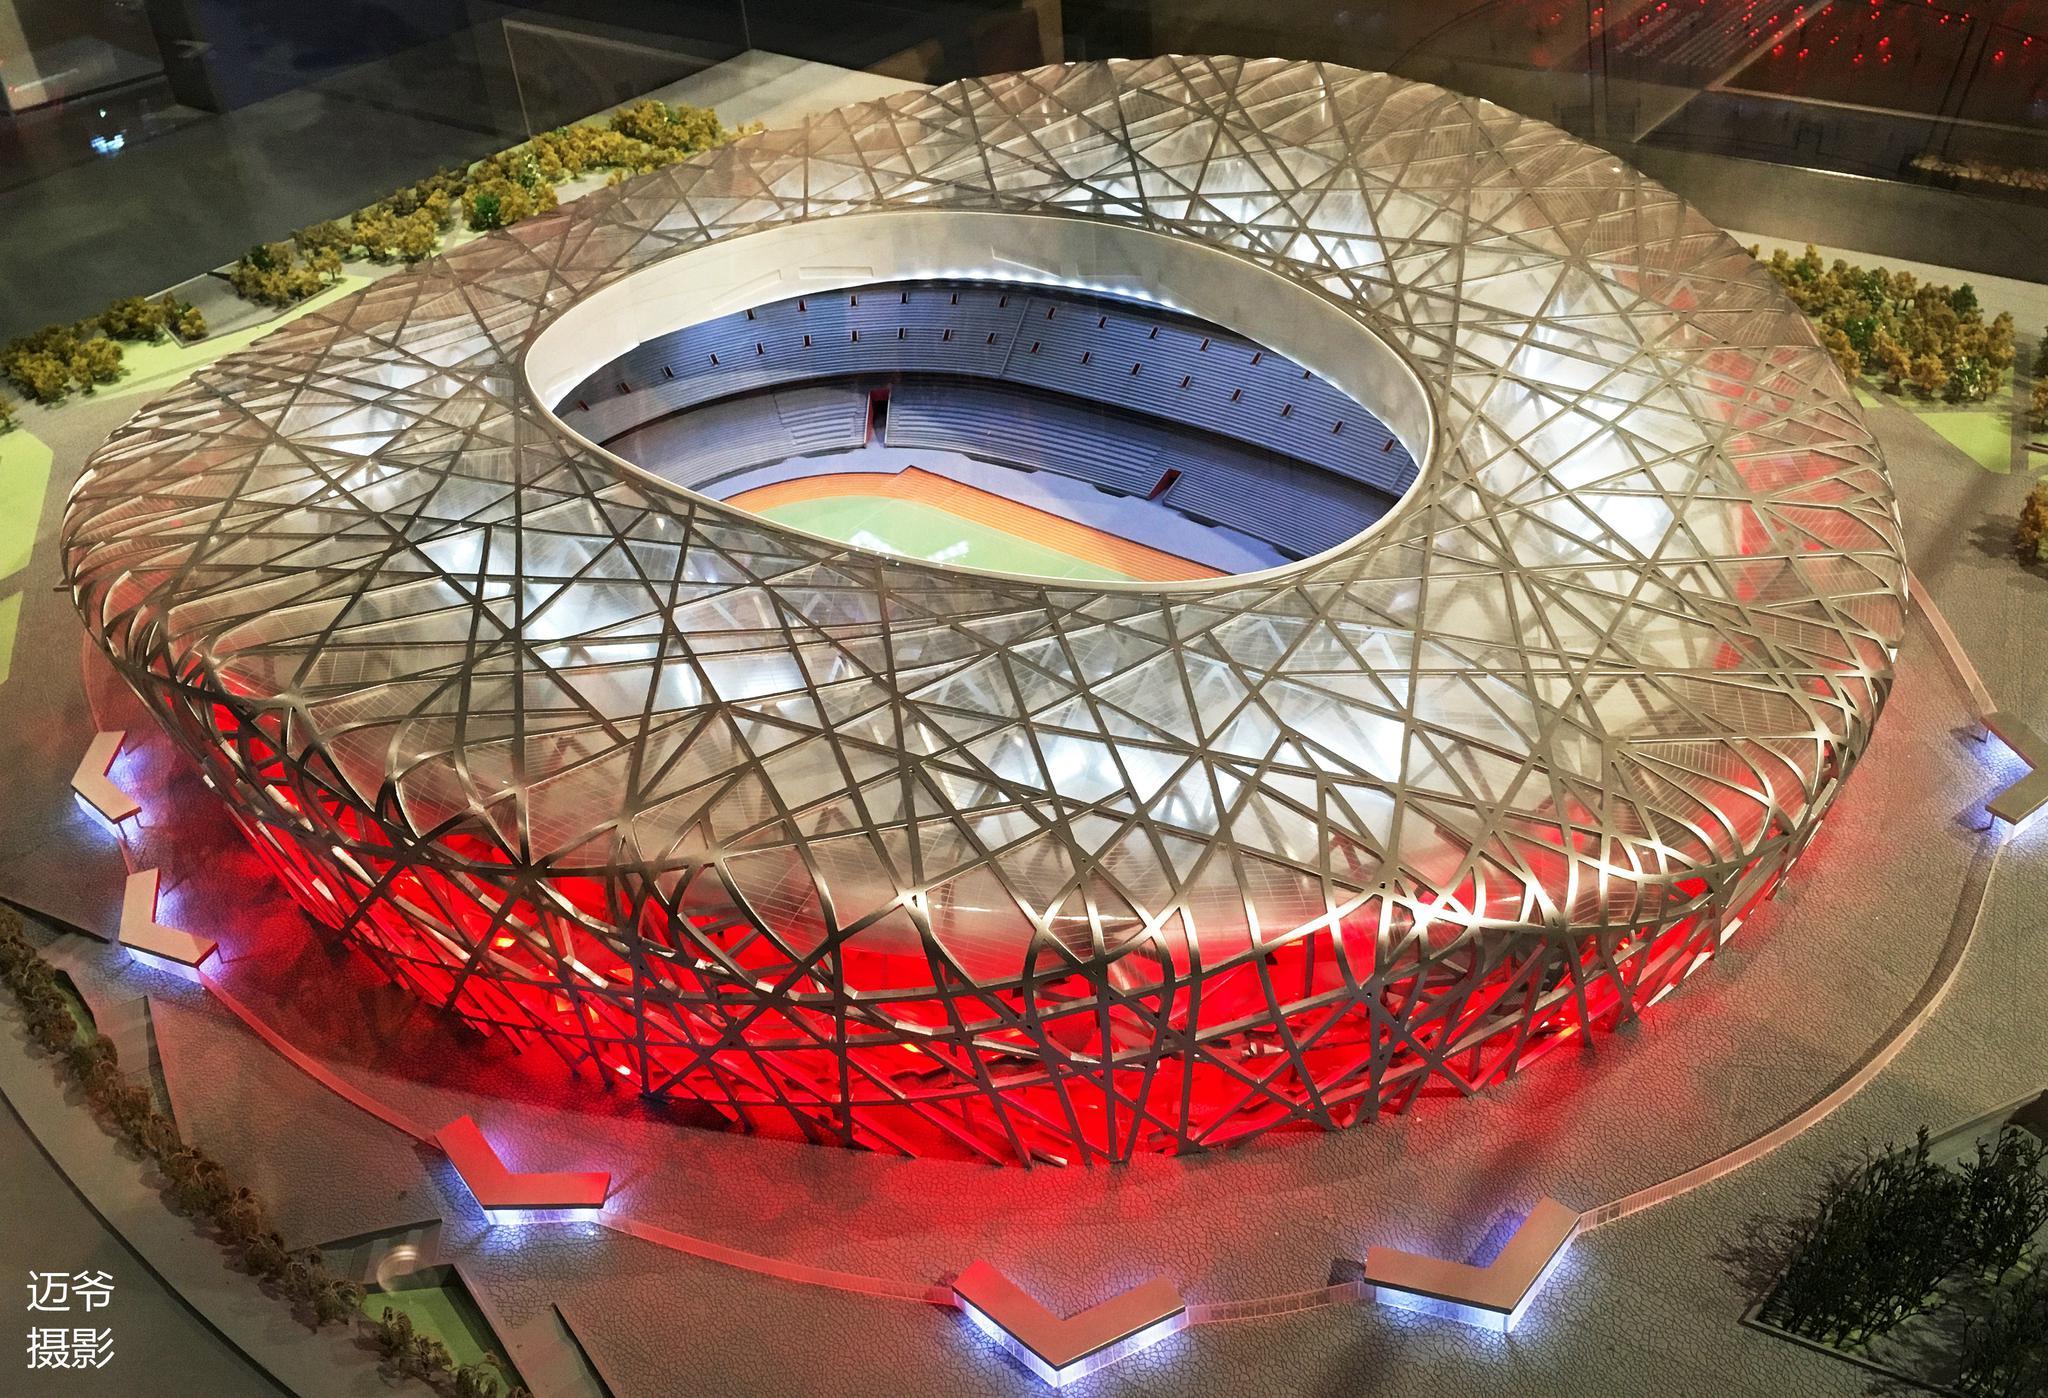 洛桑奥林匹克博物馆里的鸟巢模型